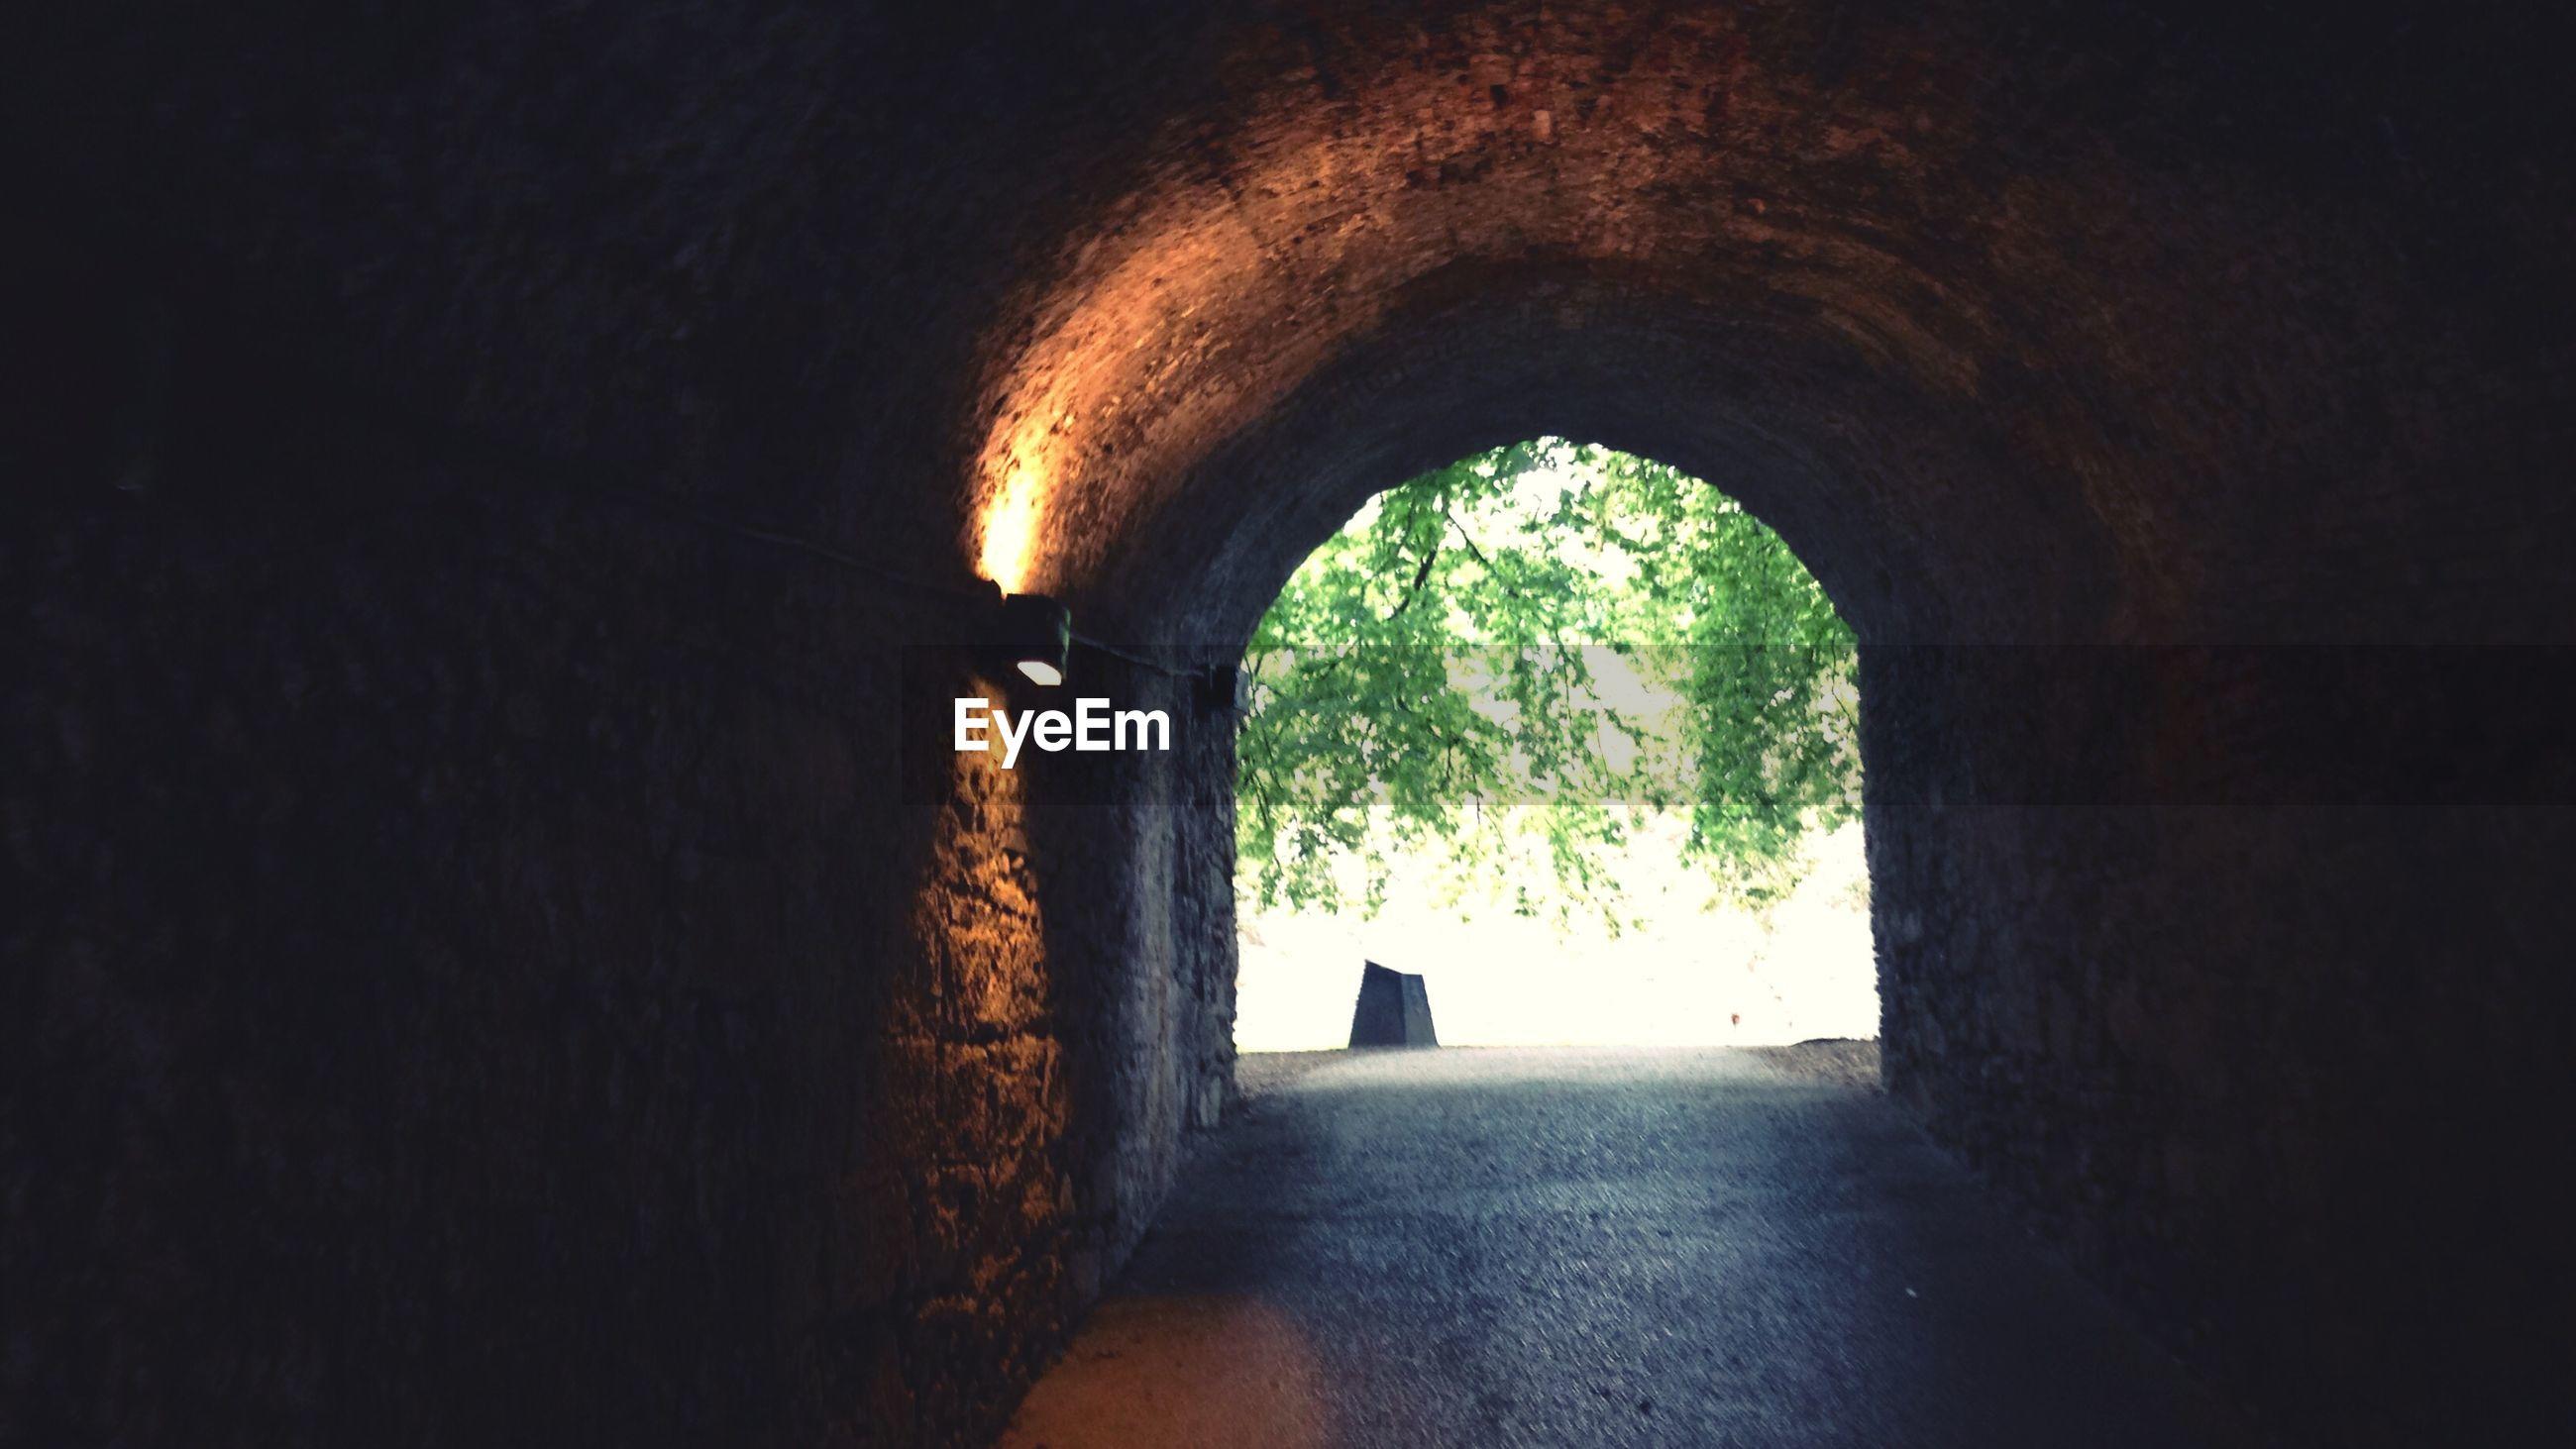 Illuminated light fixture in tunnel